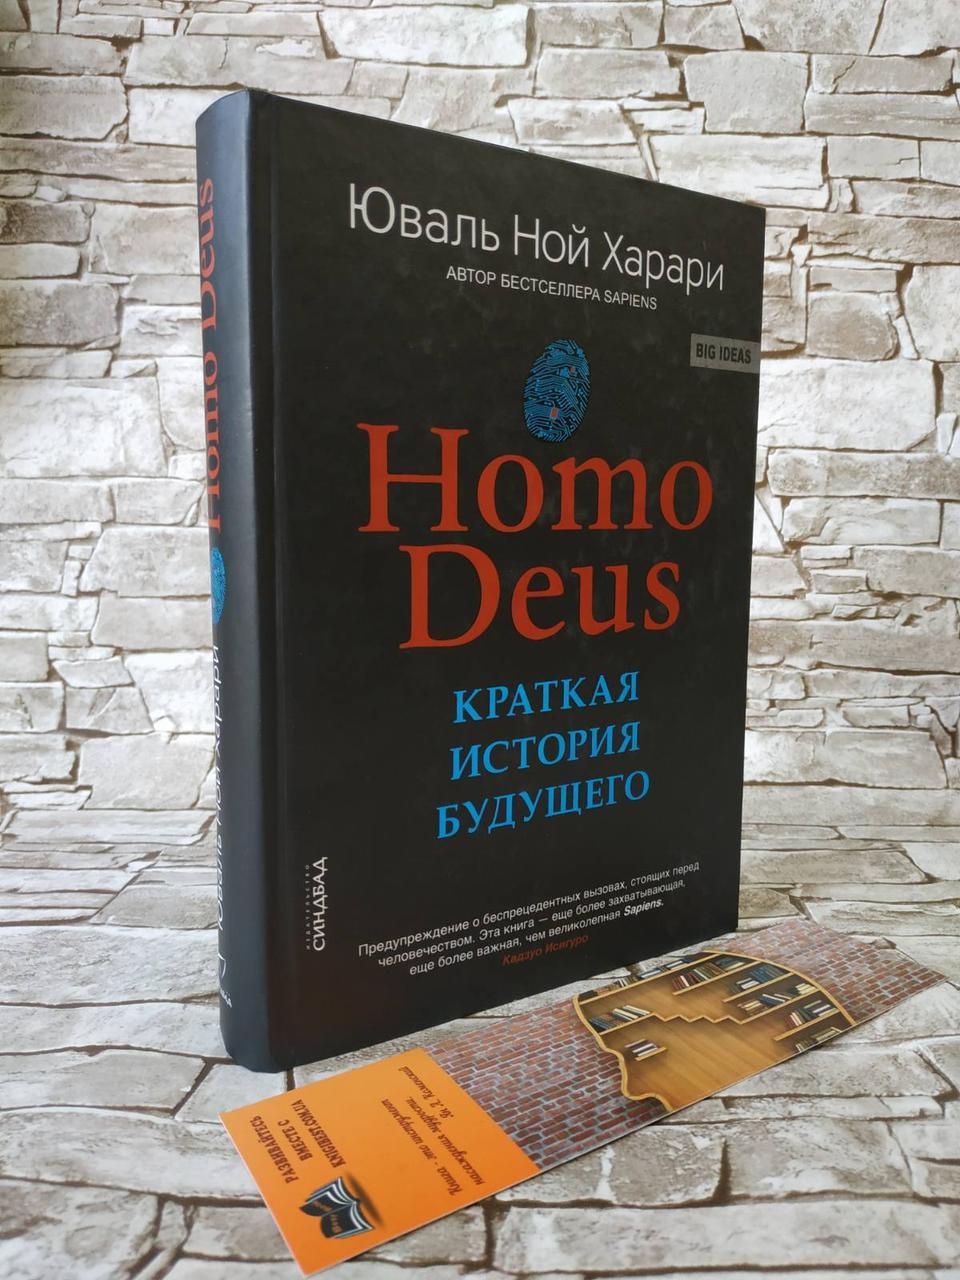 """Книга """"Deus Homo"""" (Хомодеус). Коротка історія майбутнього. Тверда палітурка. Юваль Ної Харарі"""